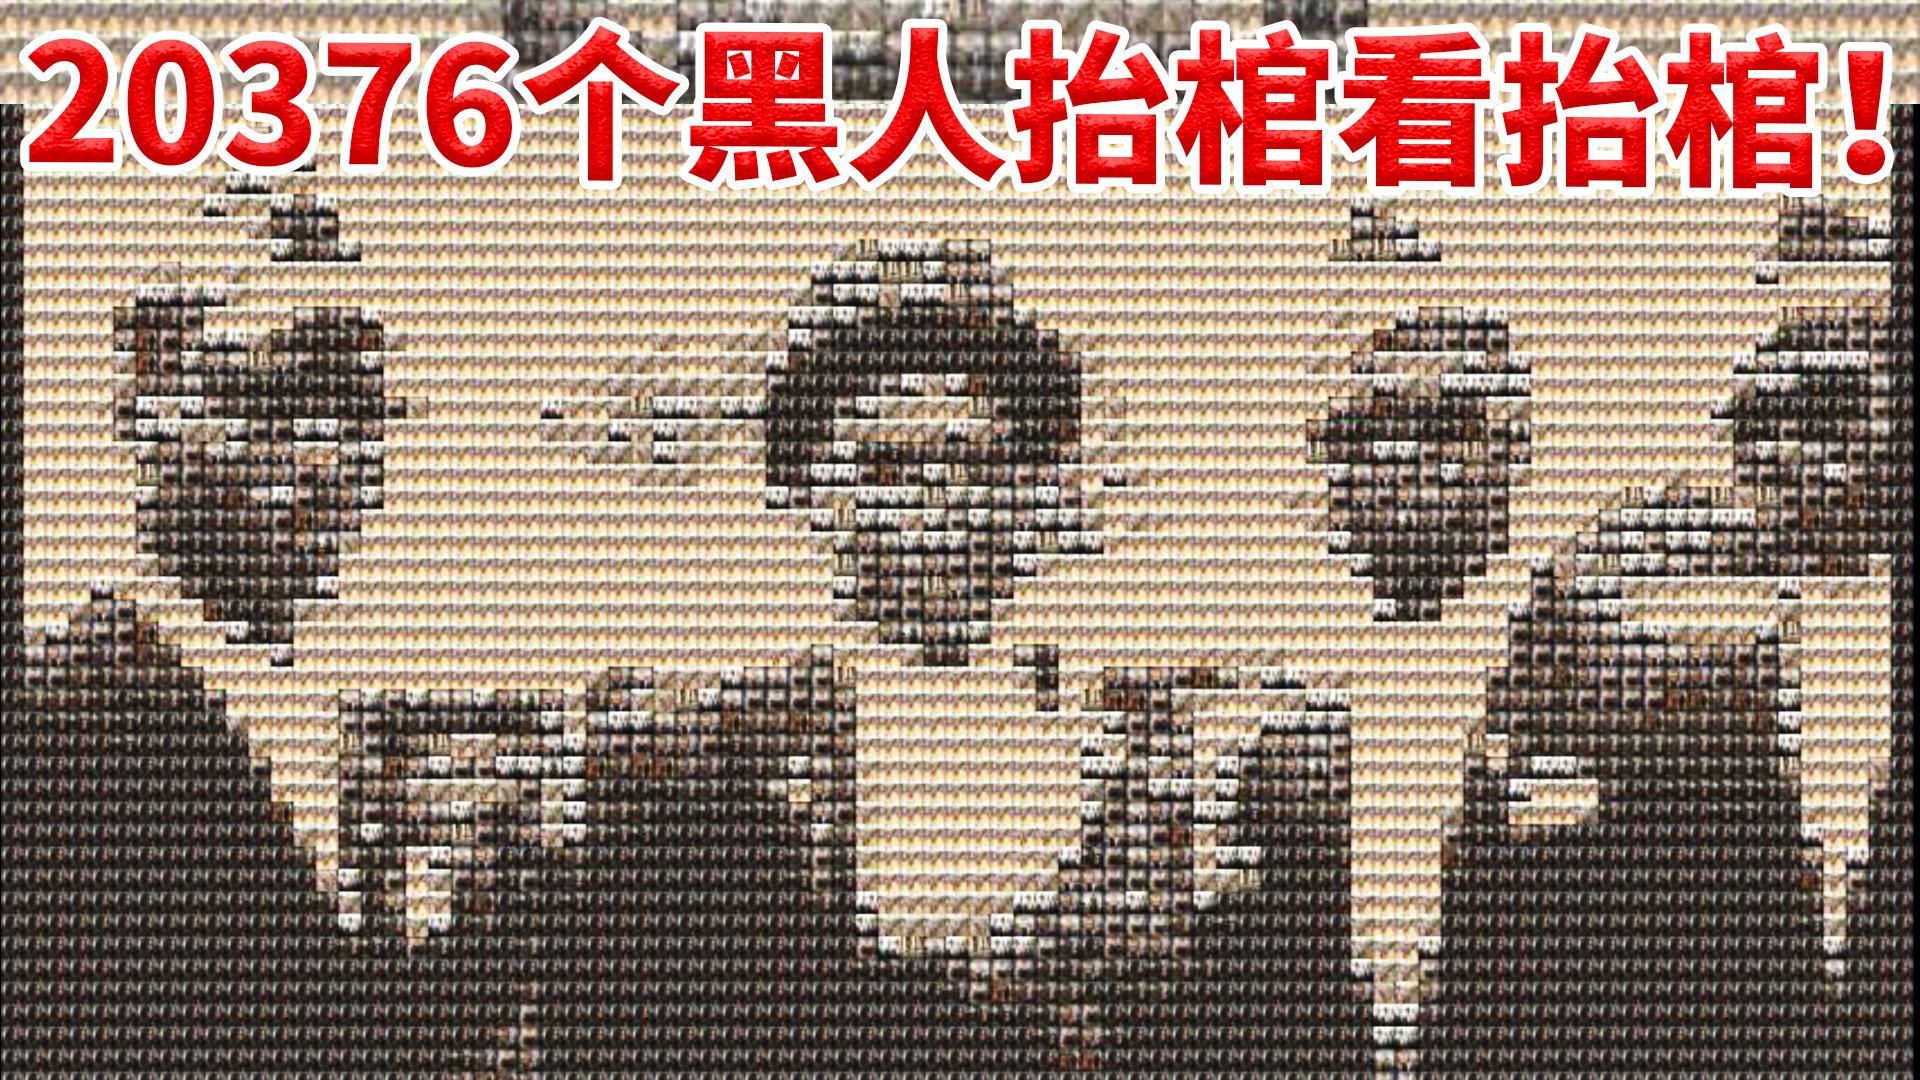 【专  业  户】用20736个黑人抬棺看黑人抬棺!